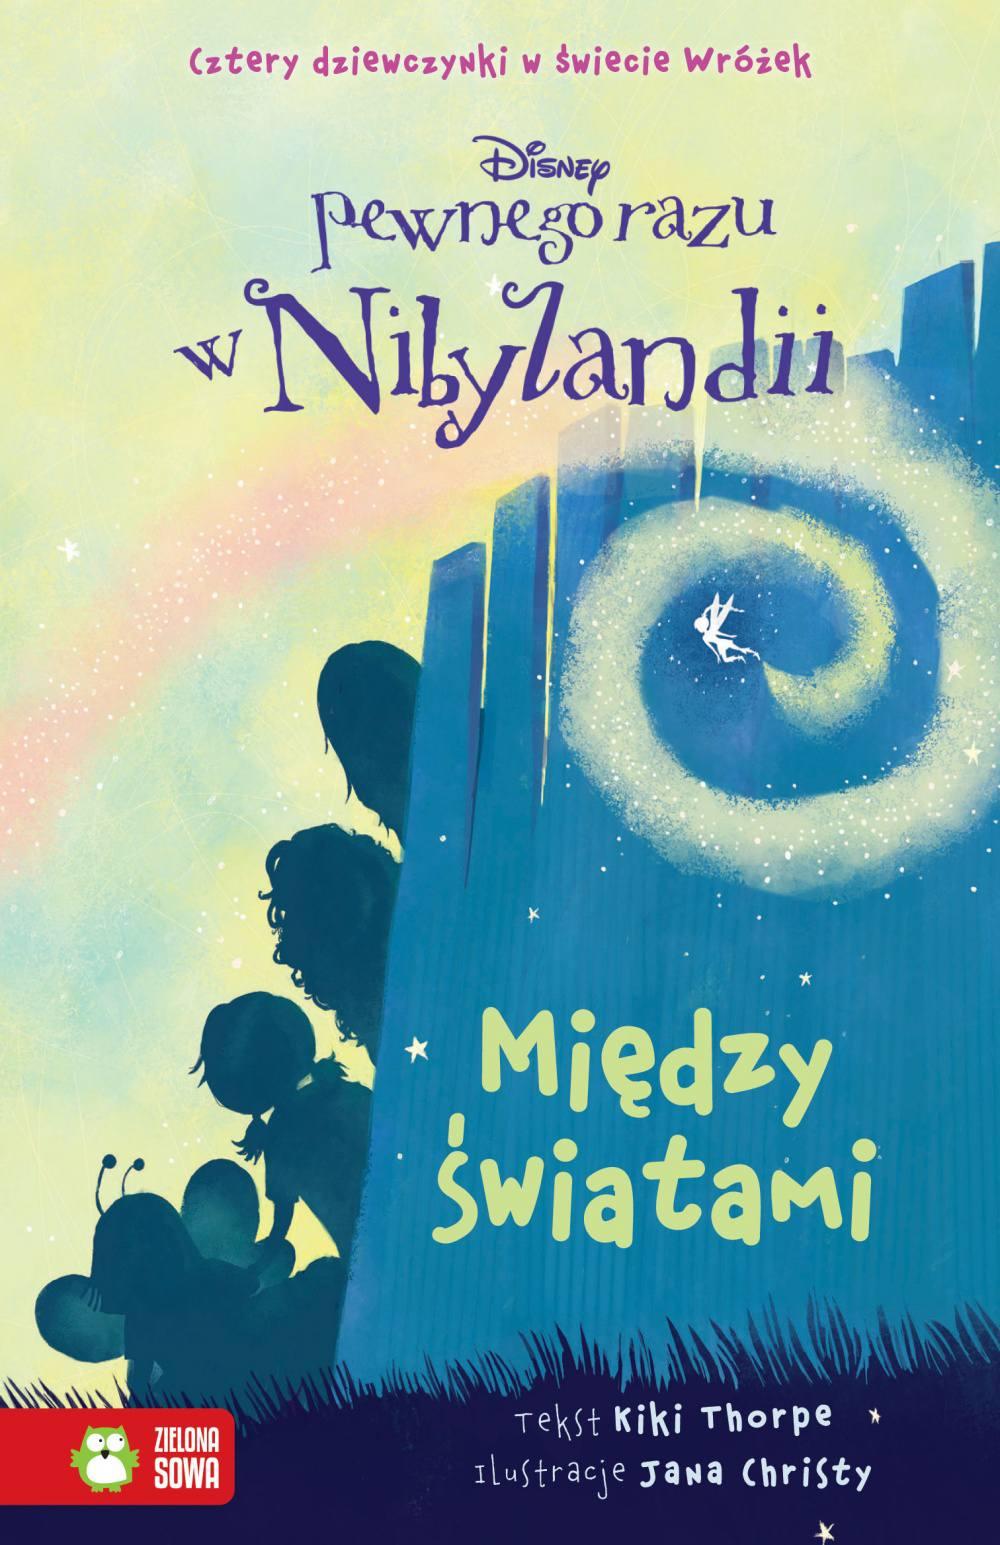 Pewnego razu w Nibylandii. Między światami - Ebook (Książka na Kindle) do pobrania w formacie MOBI